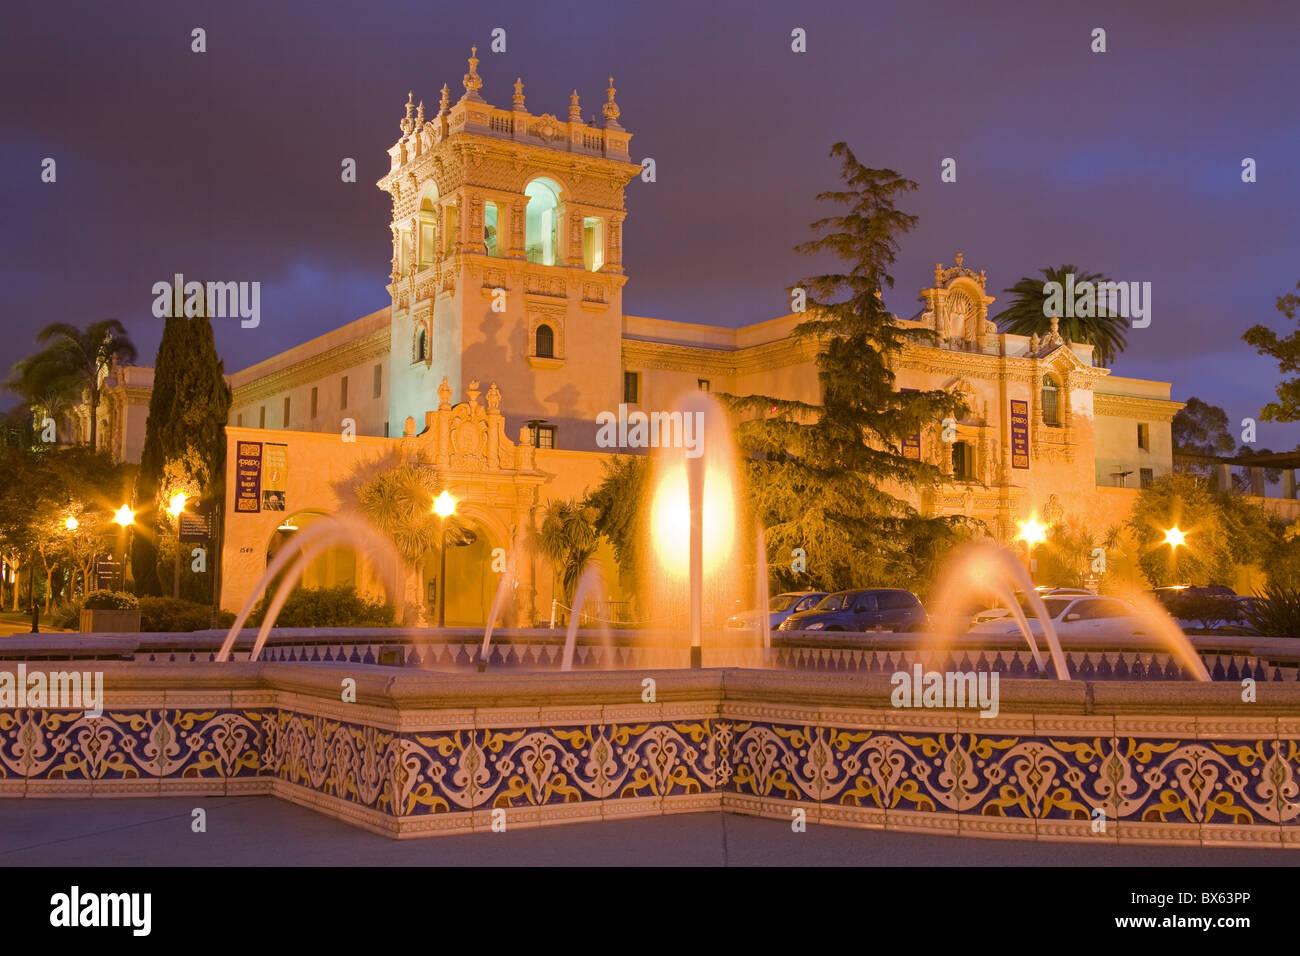 Casa di ospitalità nel Parco Balboa, San Diego, California, Stati Uniti d'America, America del Nord Immagini Stock